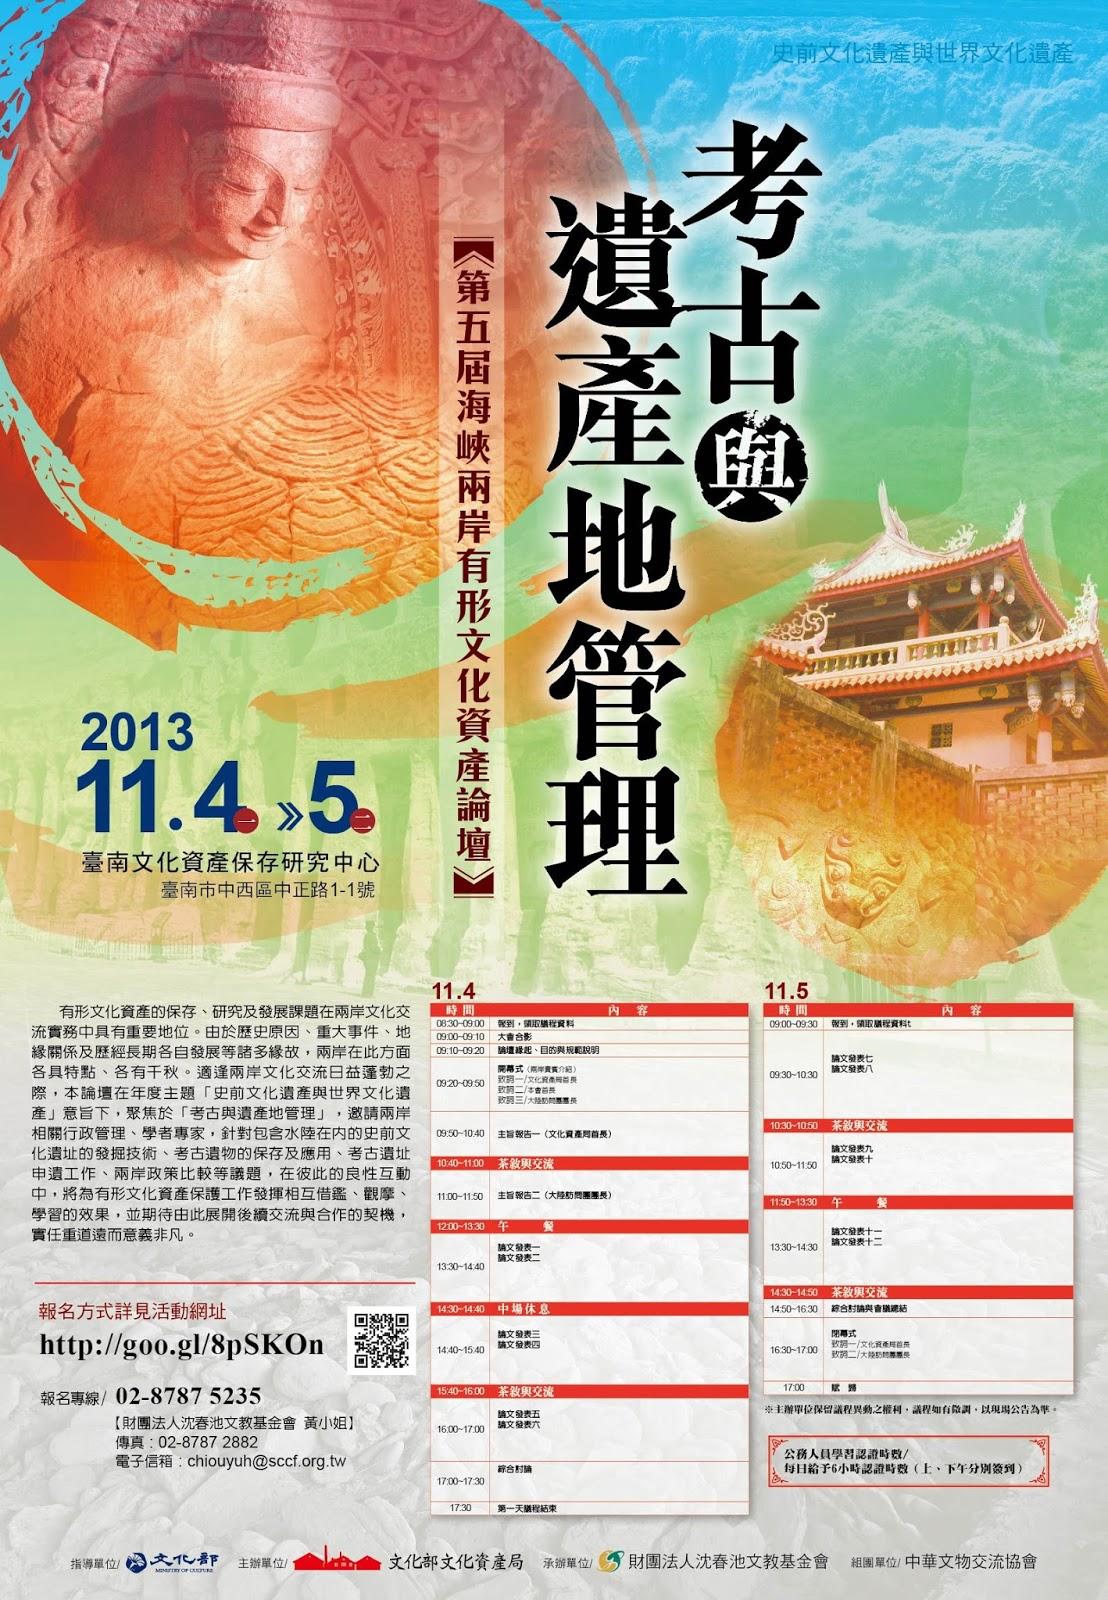 第五屆海峽兩岸有形文化資產論壇